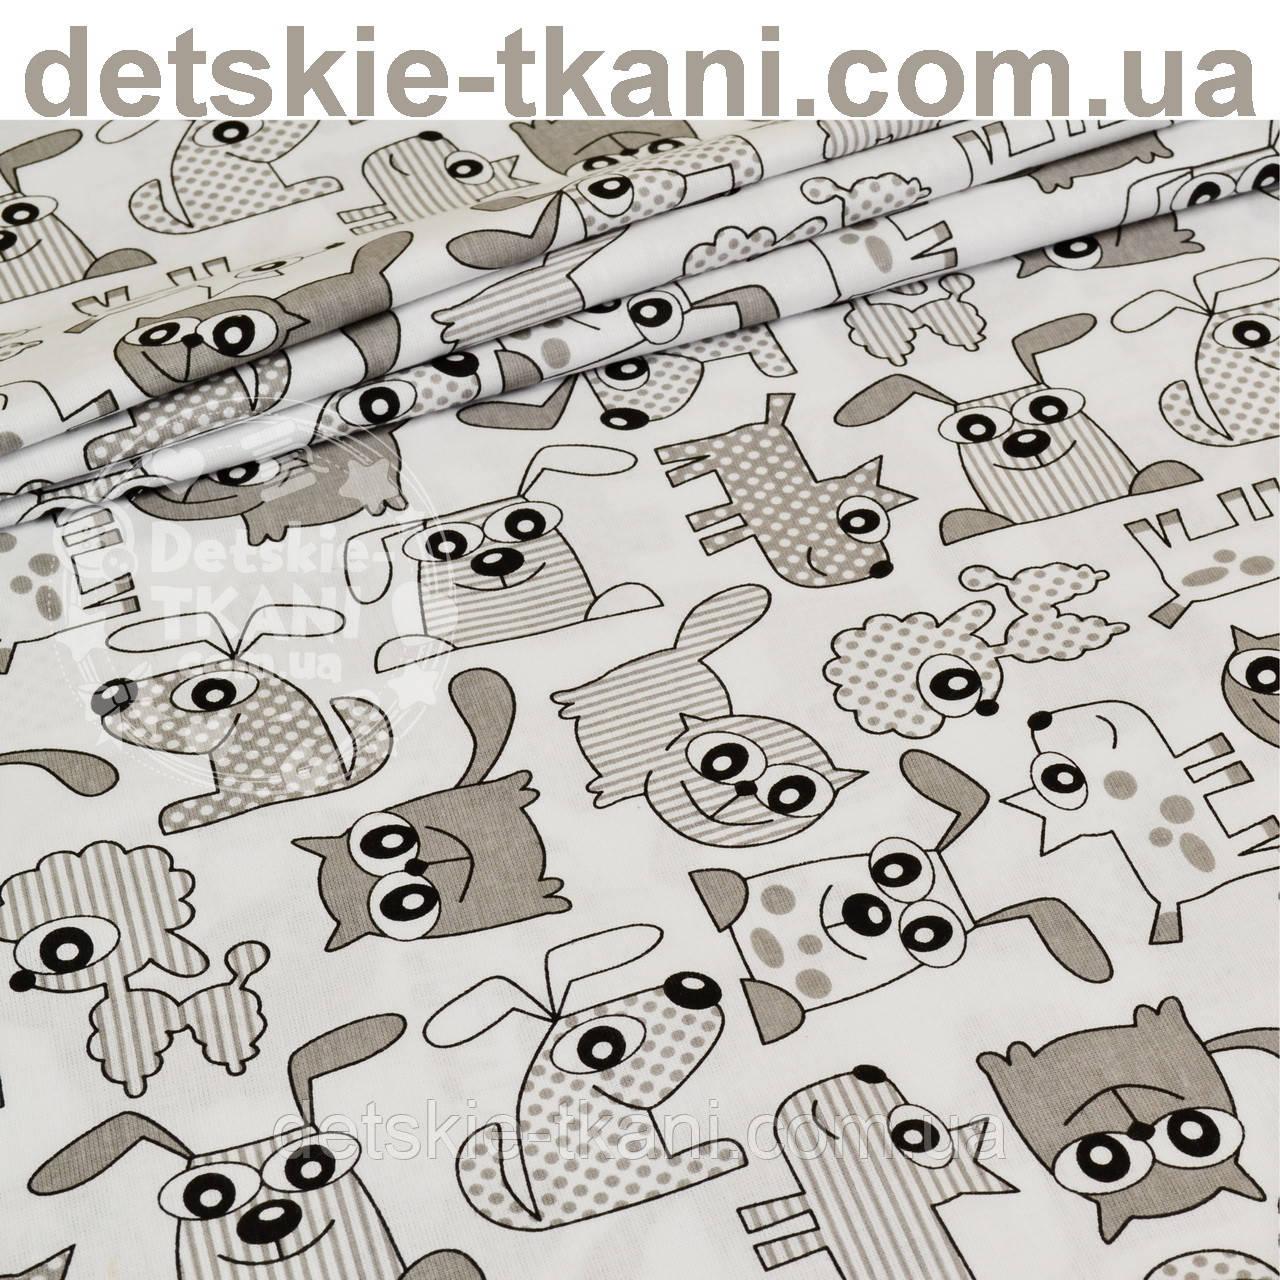 Бязь польская с собачками и котами серого цвета на белом фоне (№ 819)